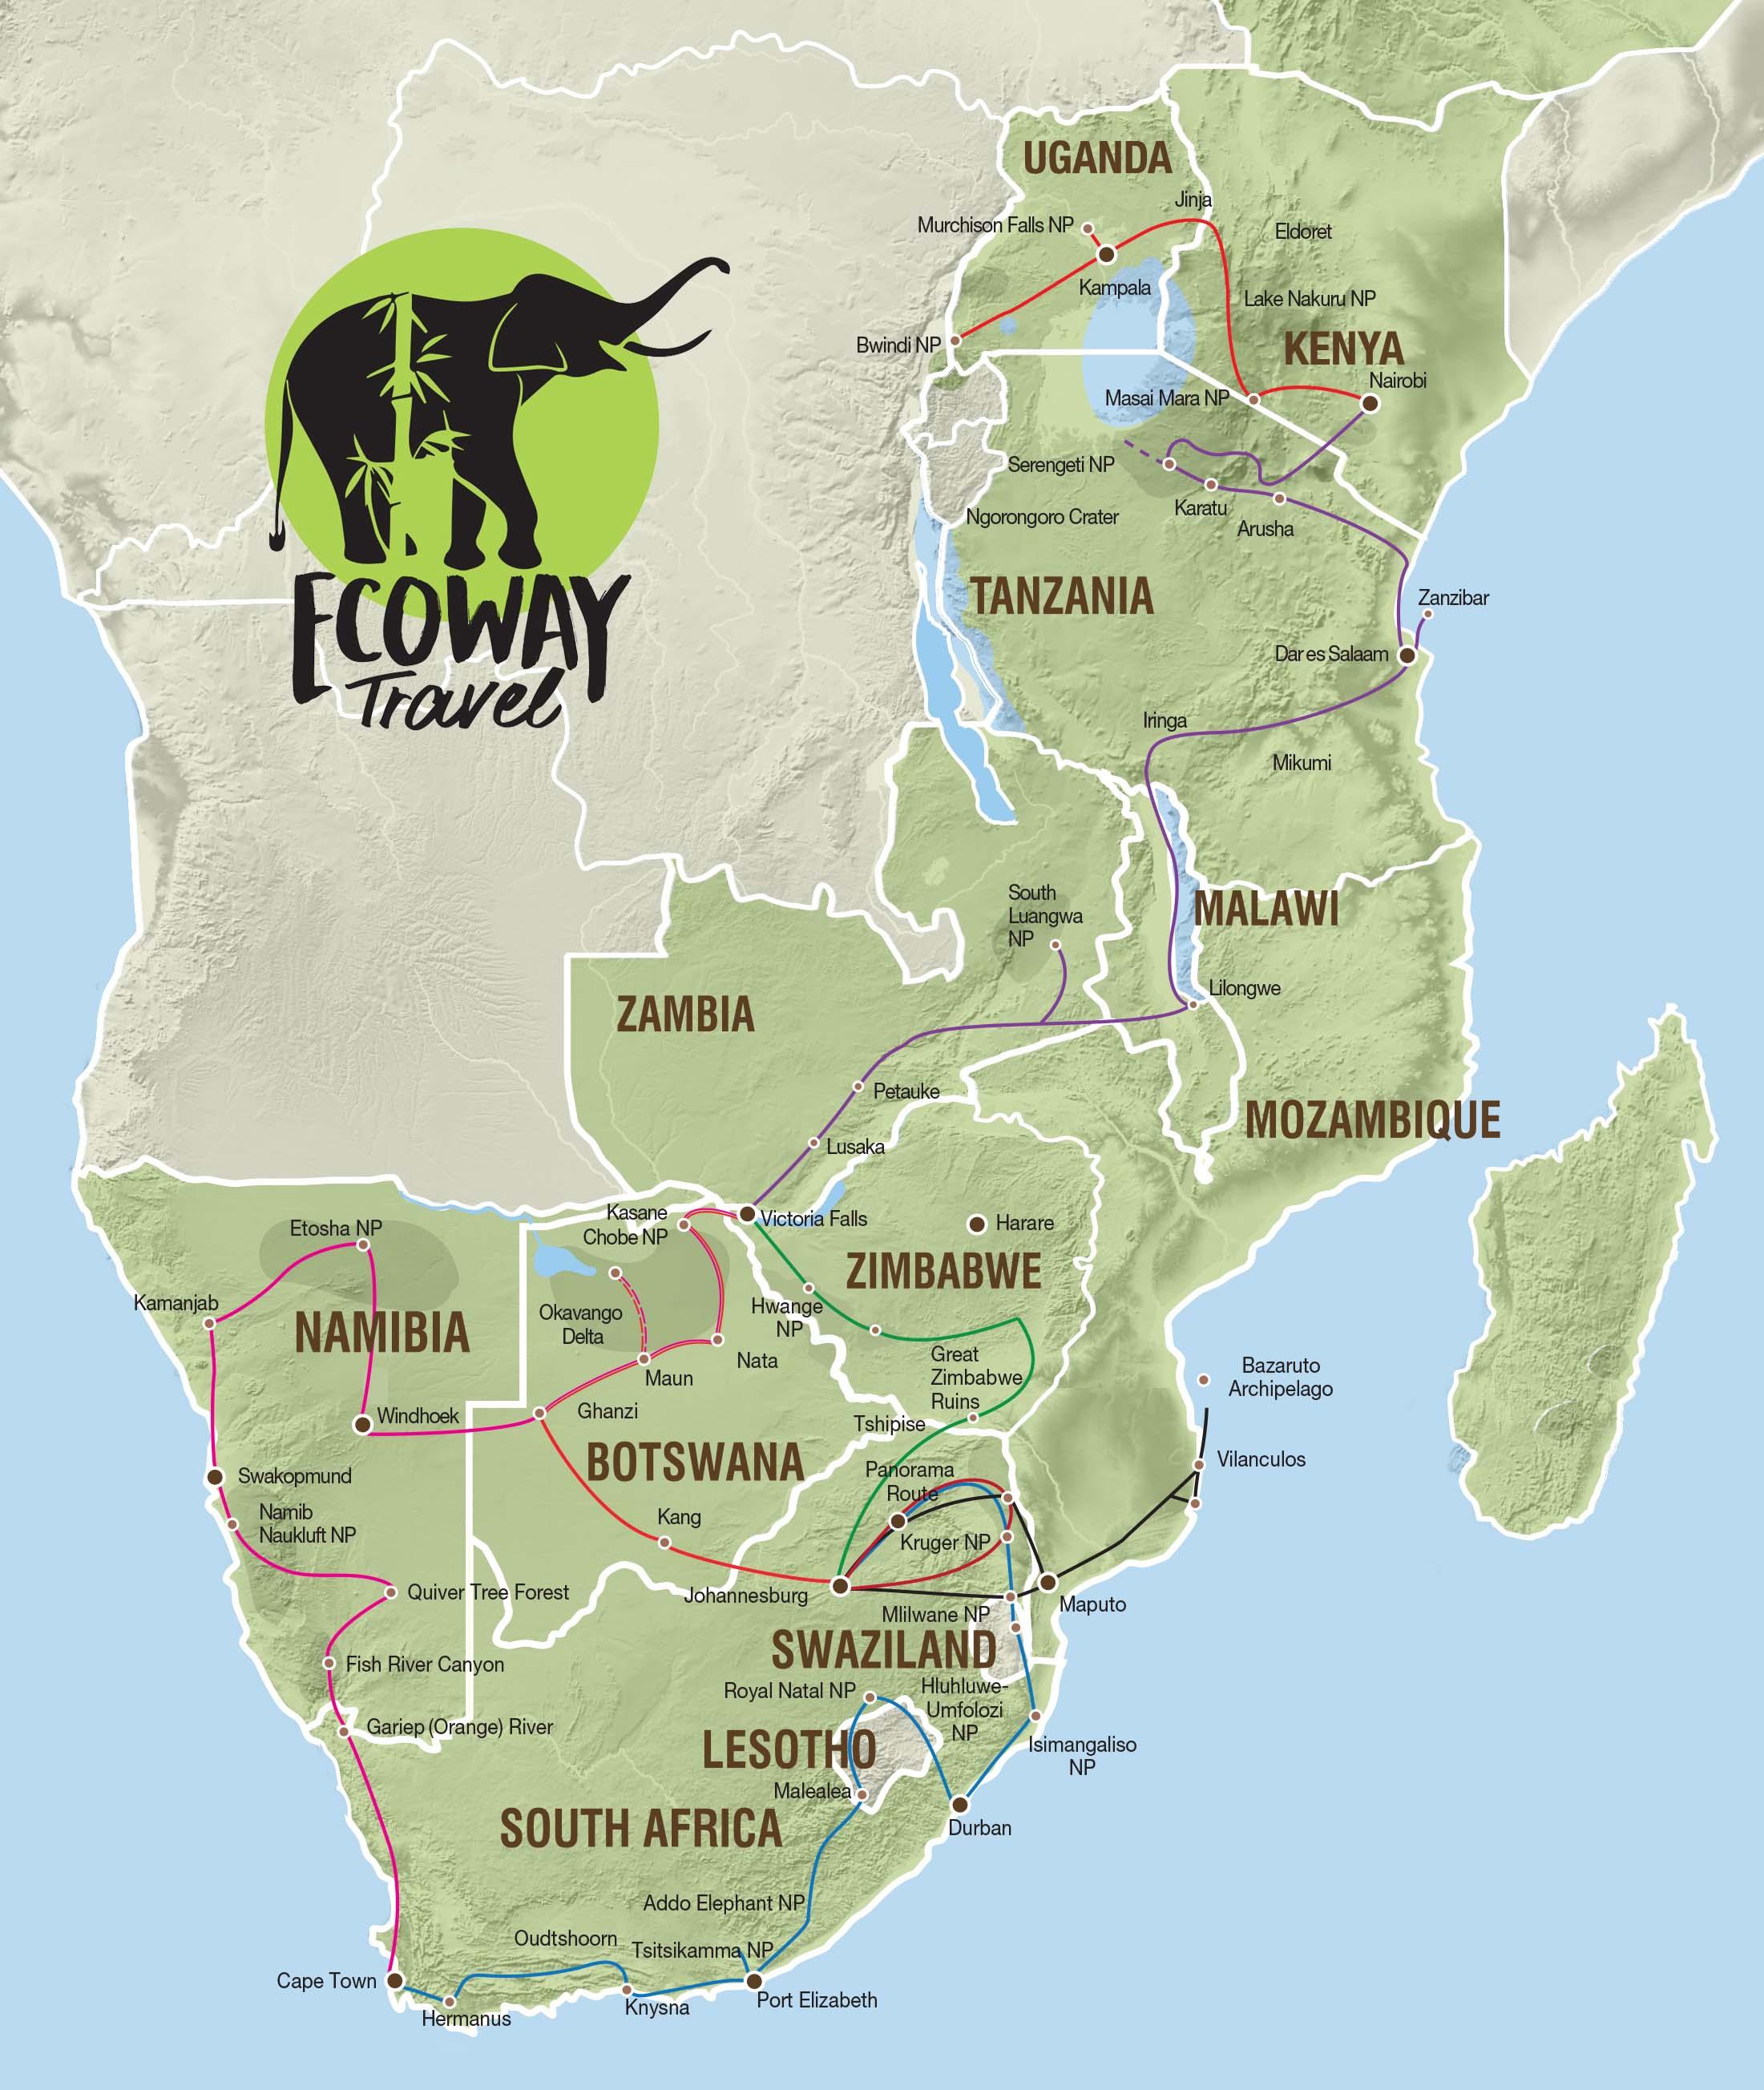 mappa viaggi avventura in africa